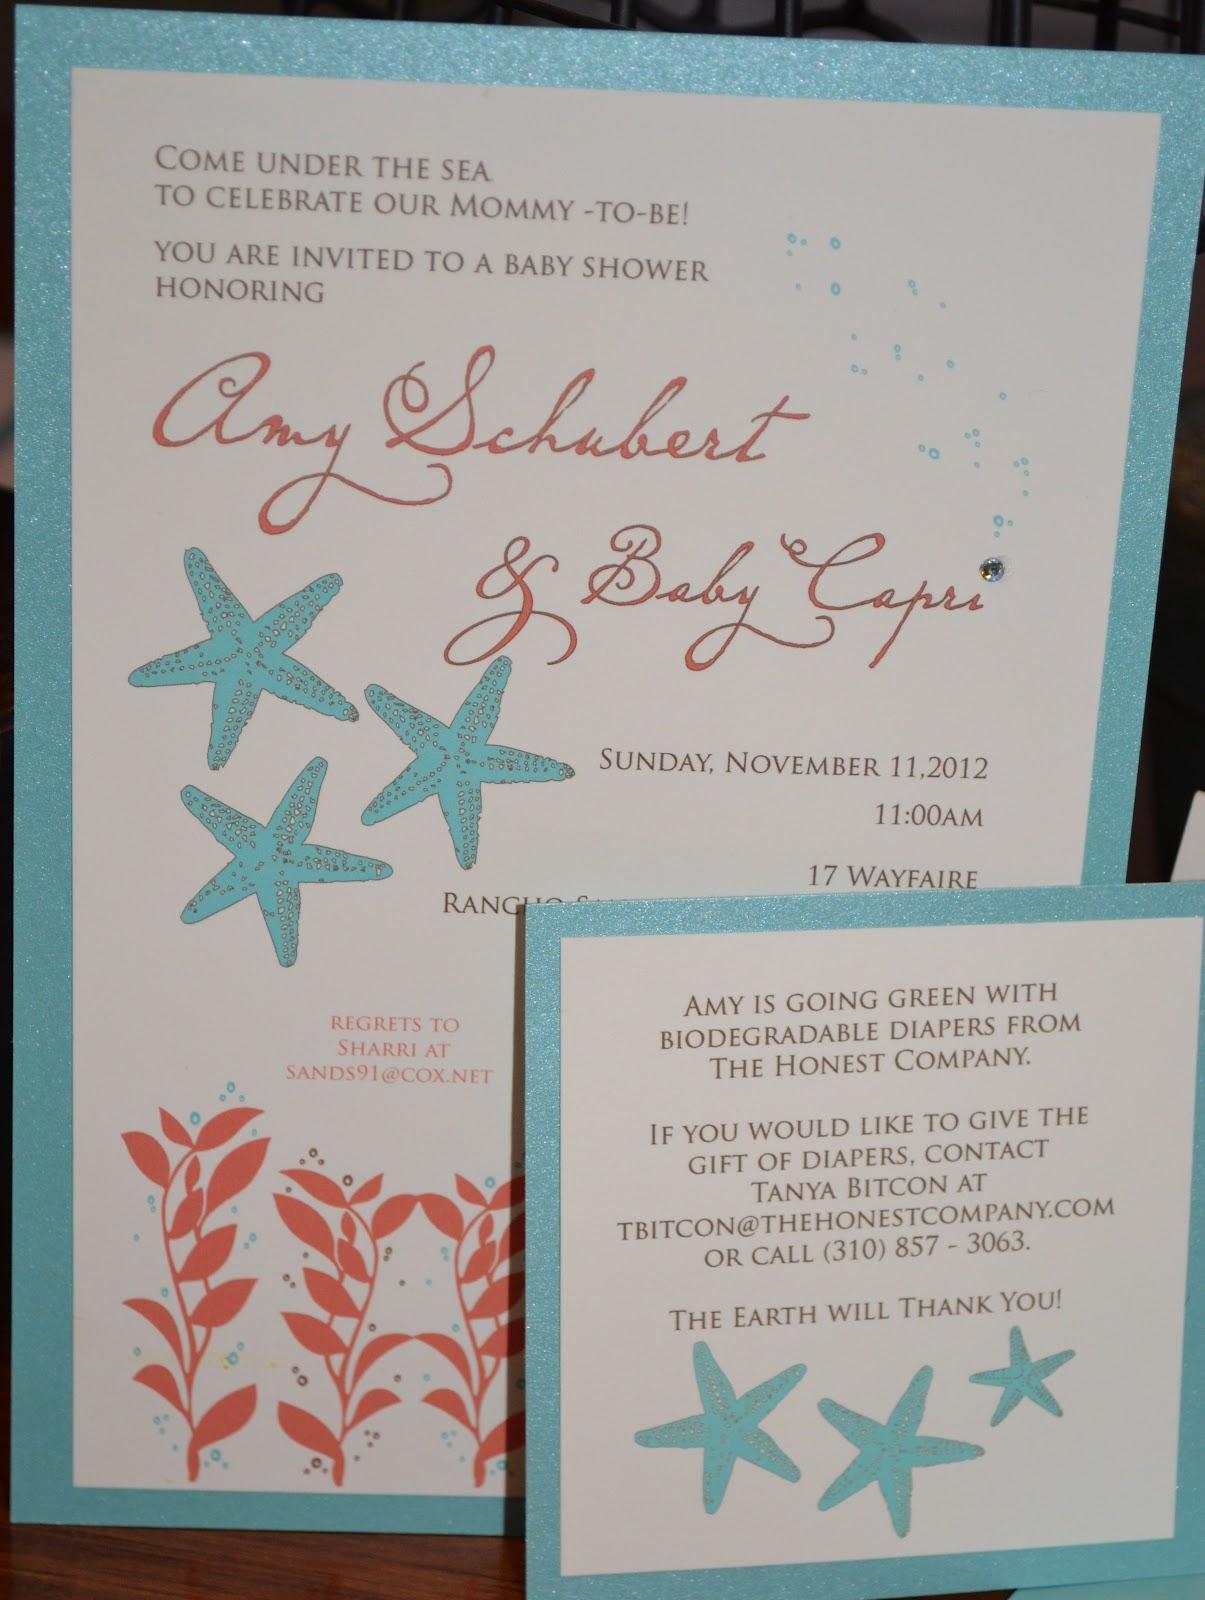 rebecca blogs: {Under The Sea} Baby Shower Invitations